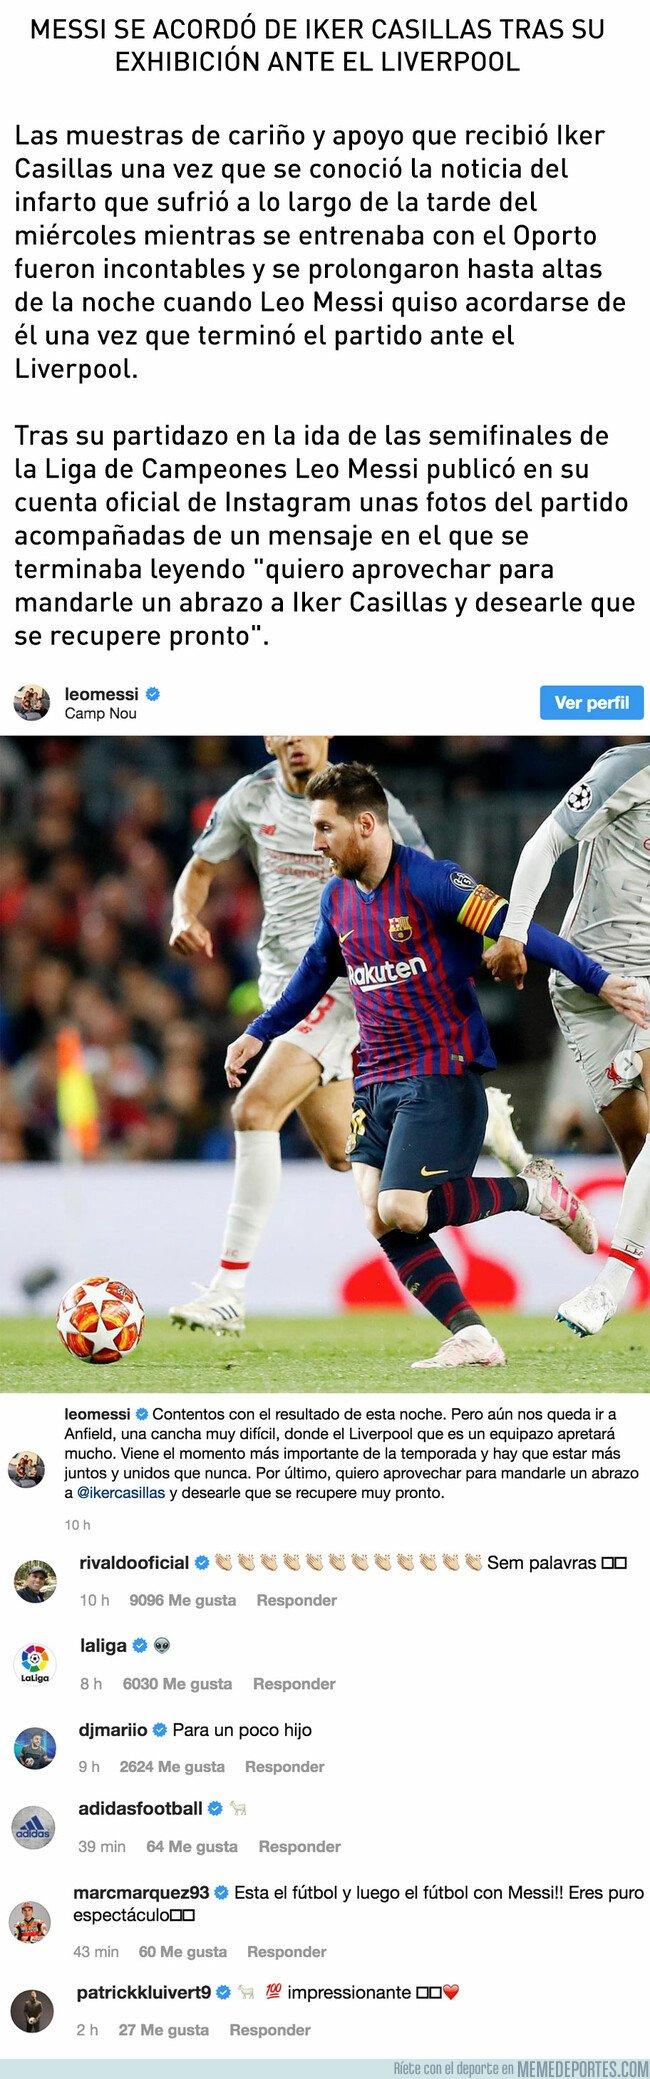 1073314 - Messi se acordó de Iker Casillas tras su exhibición ante el Liverpool y el mundo se rinde ante él